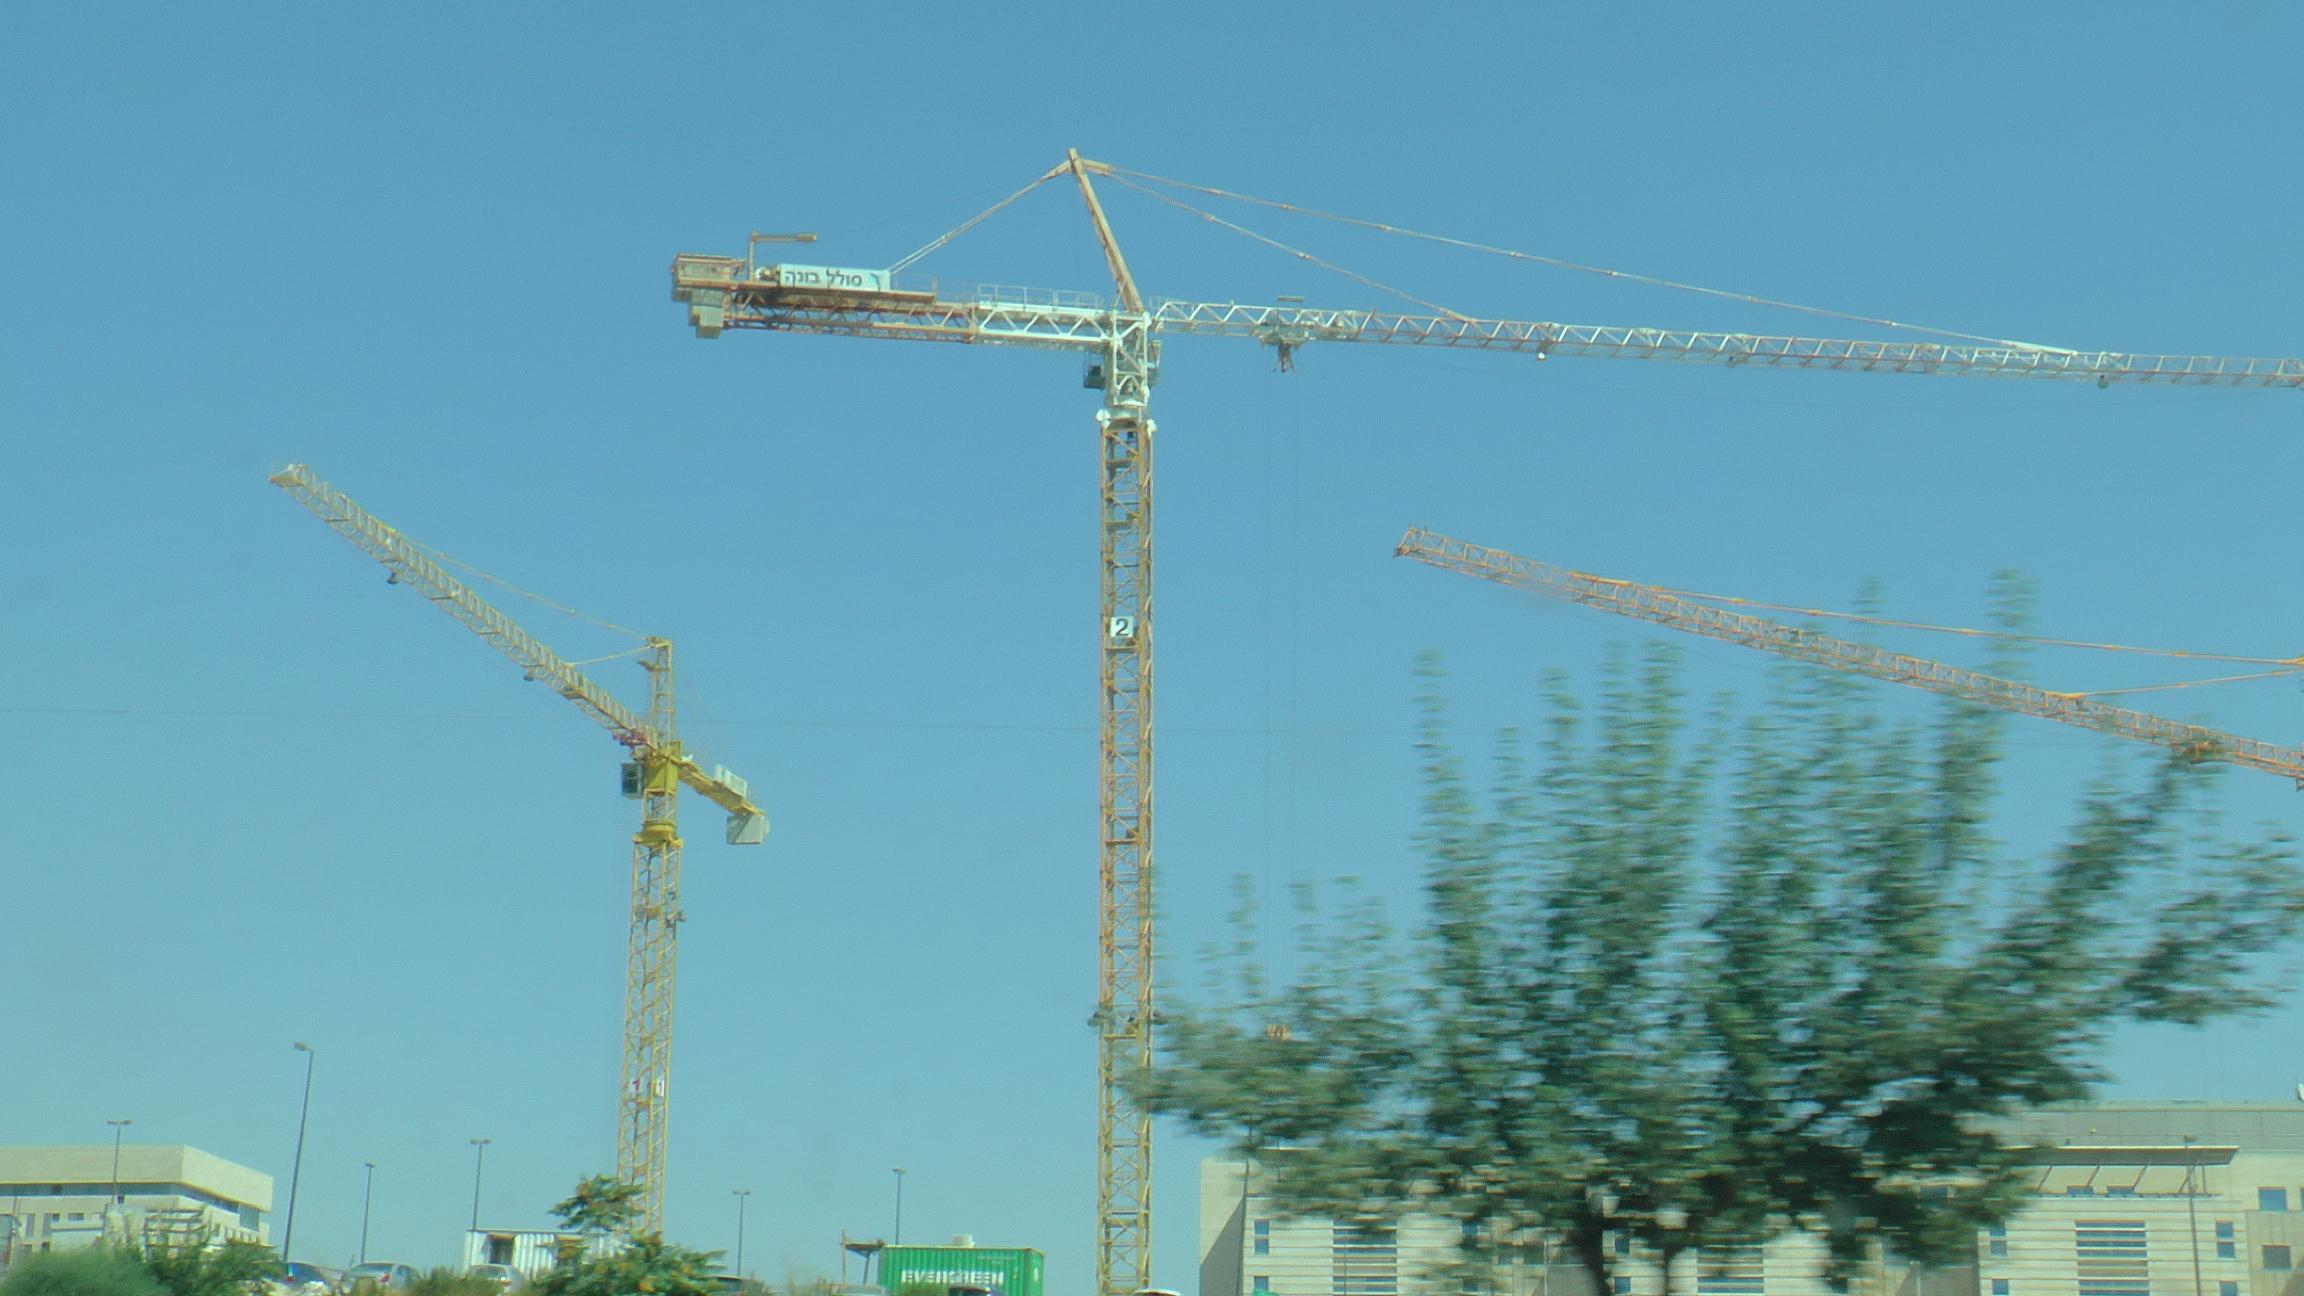 האטת הבניה הביאה להפסקה בגידול האוכלוסיה היהודית